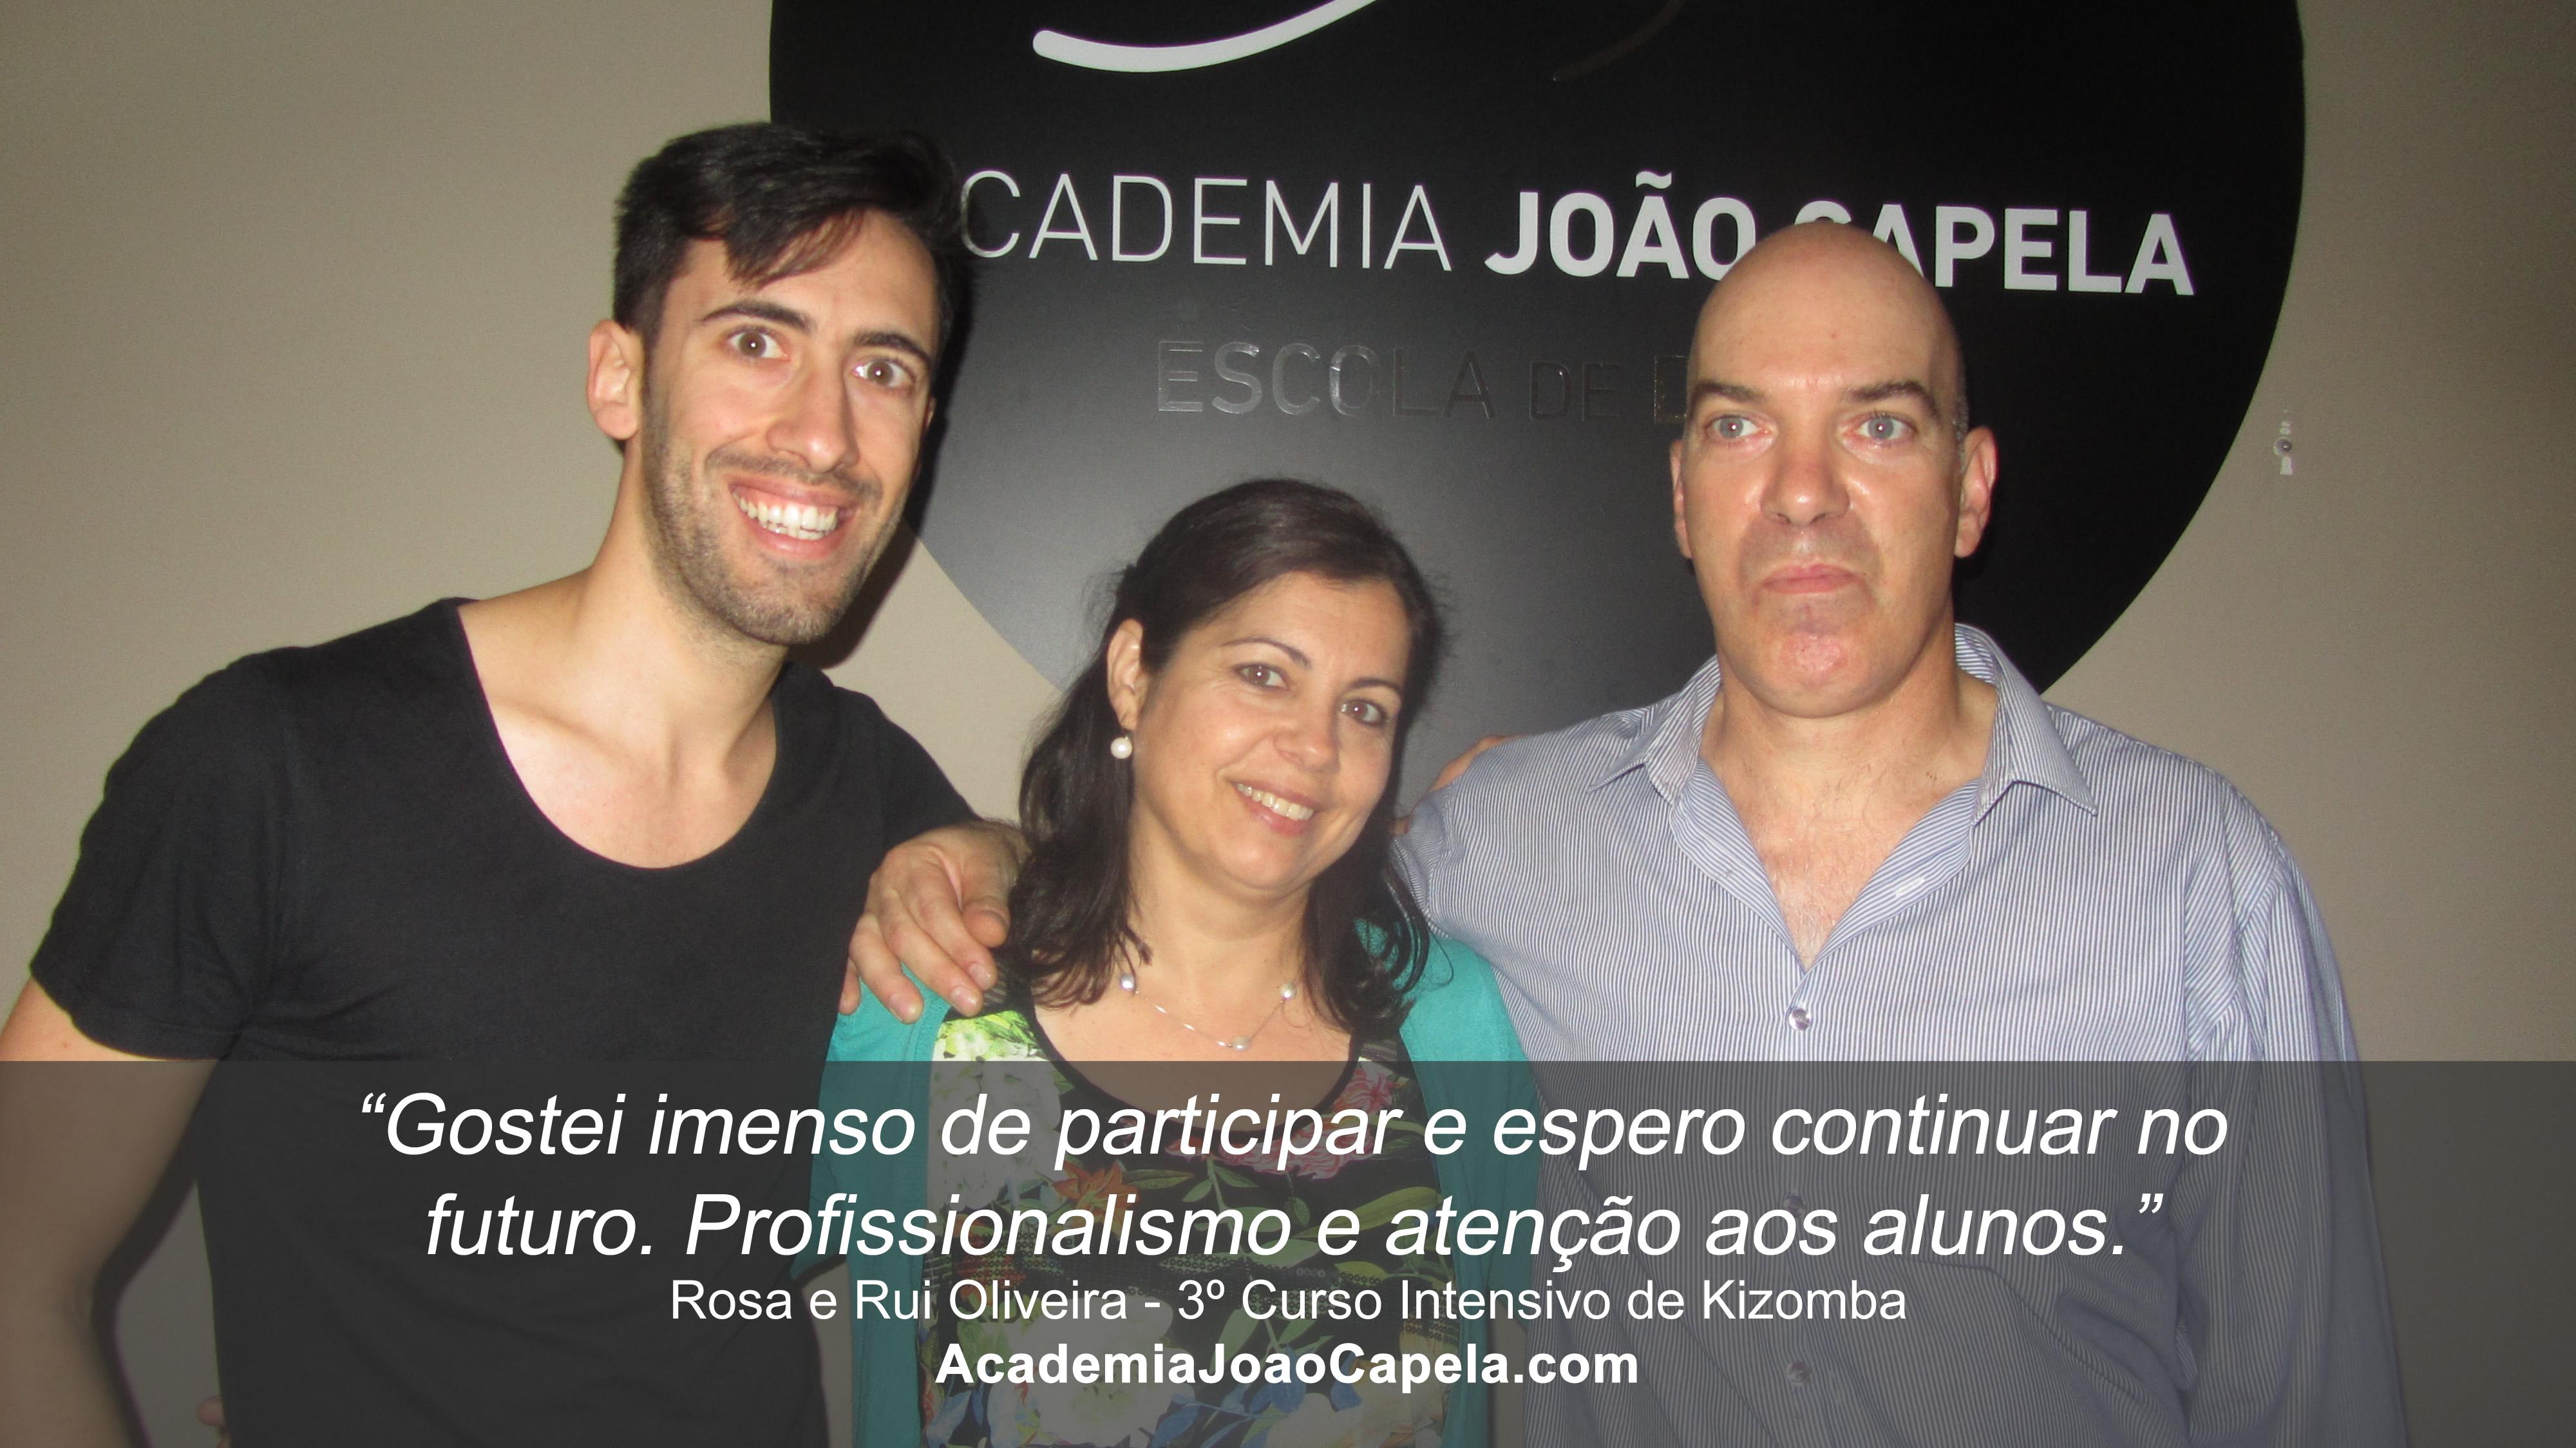 Testemunho Rosa e Rui Oliveira 3º Curso Intensivo de Kizomba em Barcelos